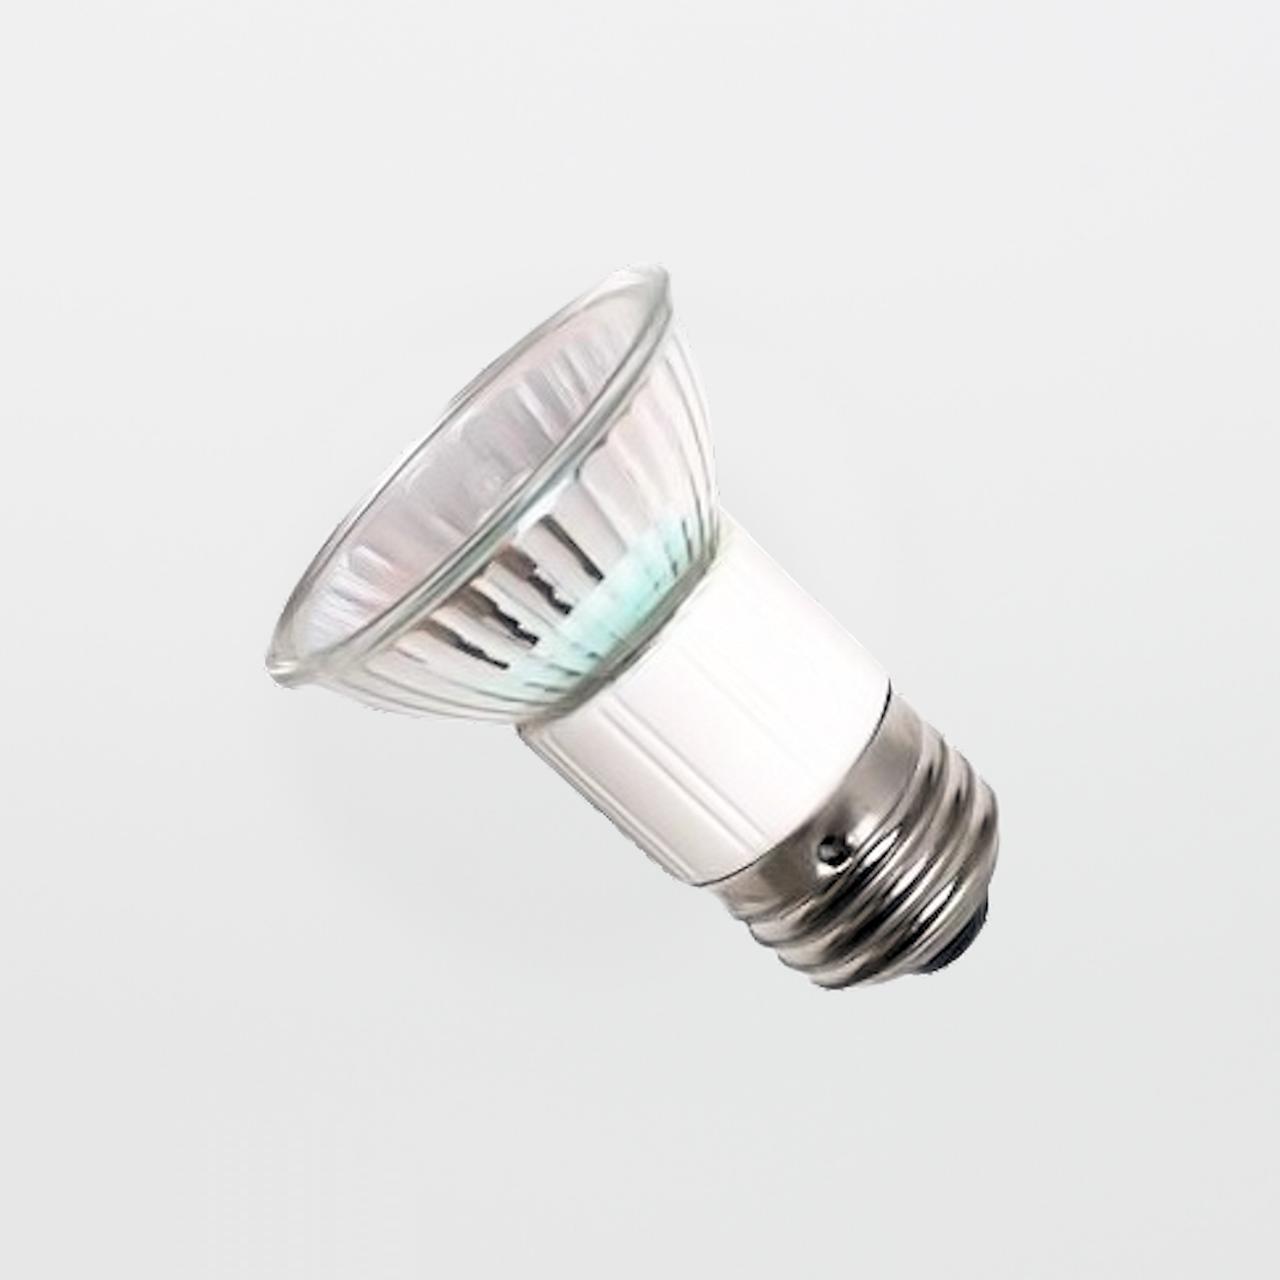 Jdr120v50w Halogen Range Hood Light Bulb Soslightbulbs Com